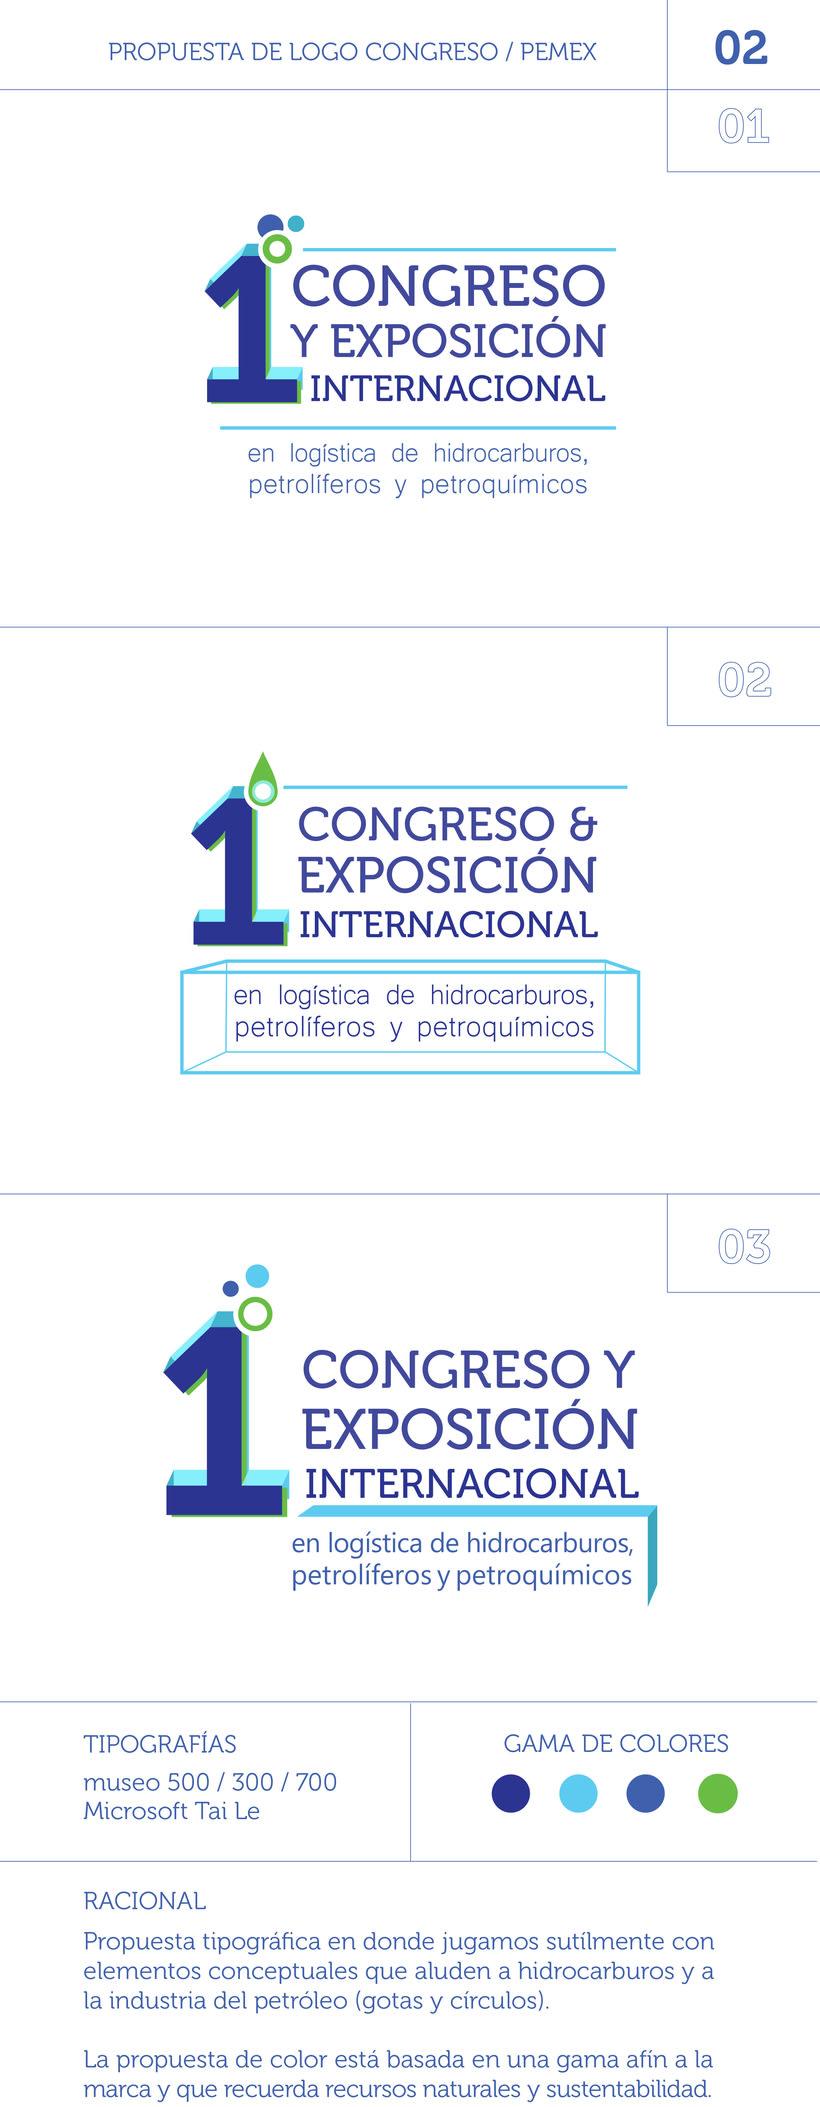 PRIMER CONGRESO Y EXPO INTERNACIONAL PEMEX 0